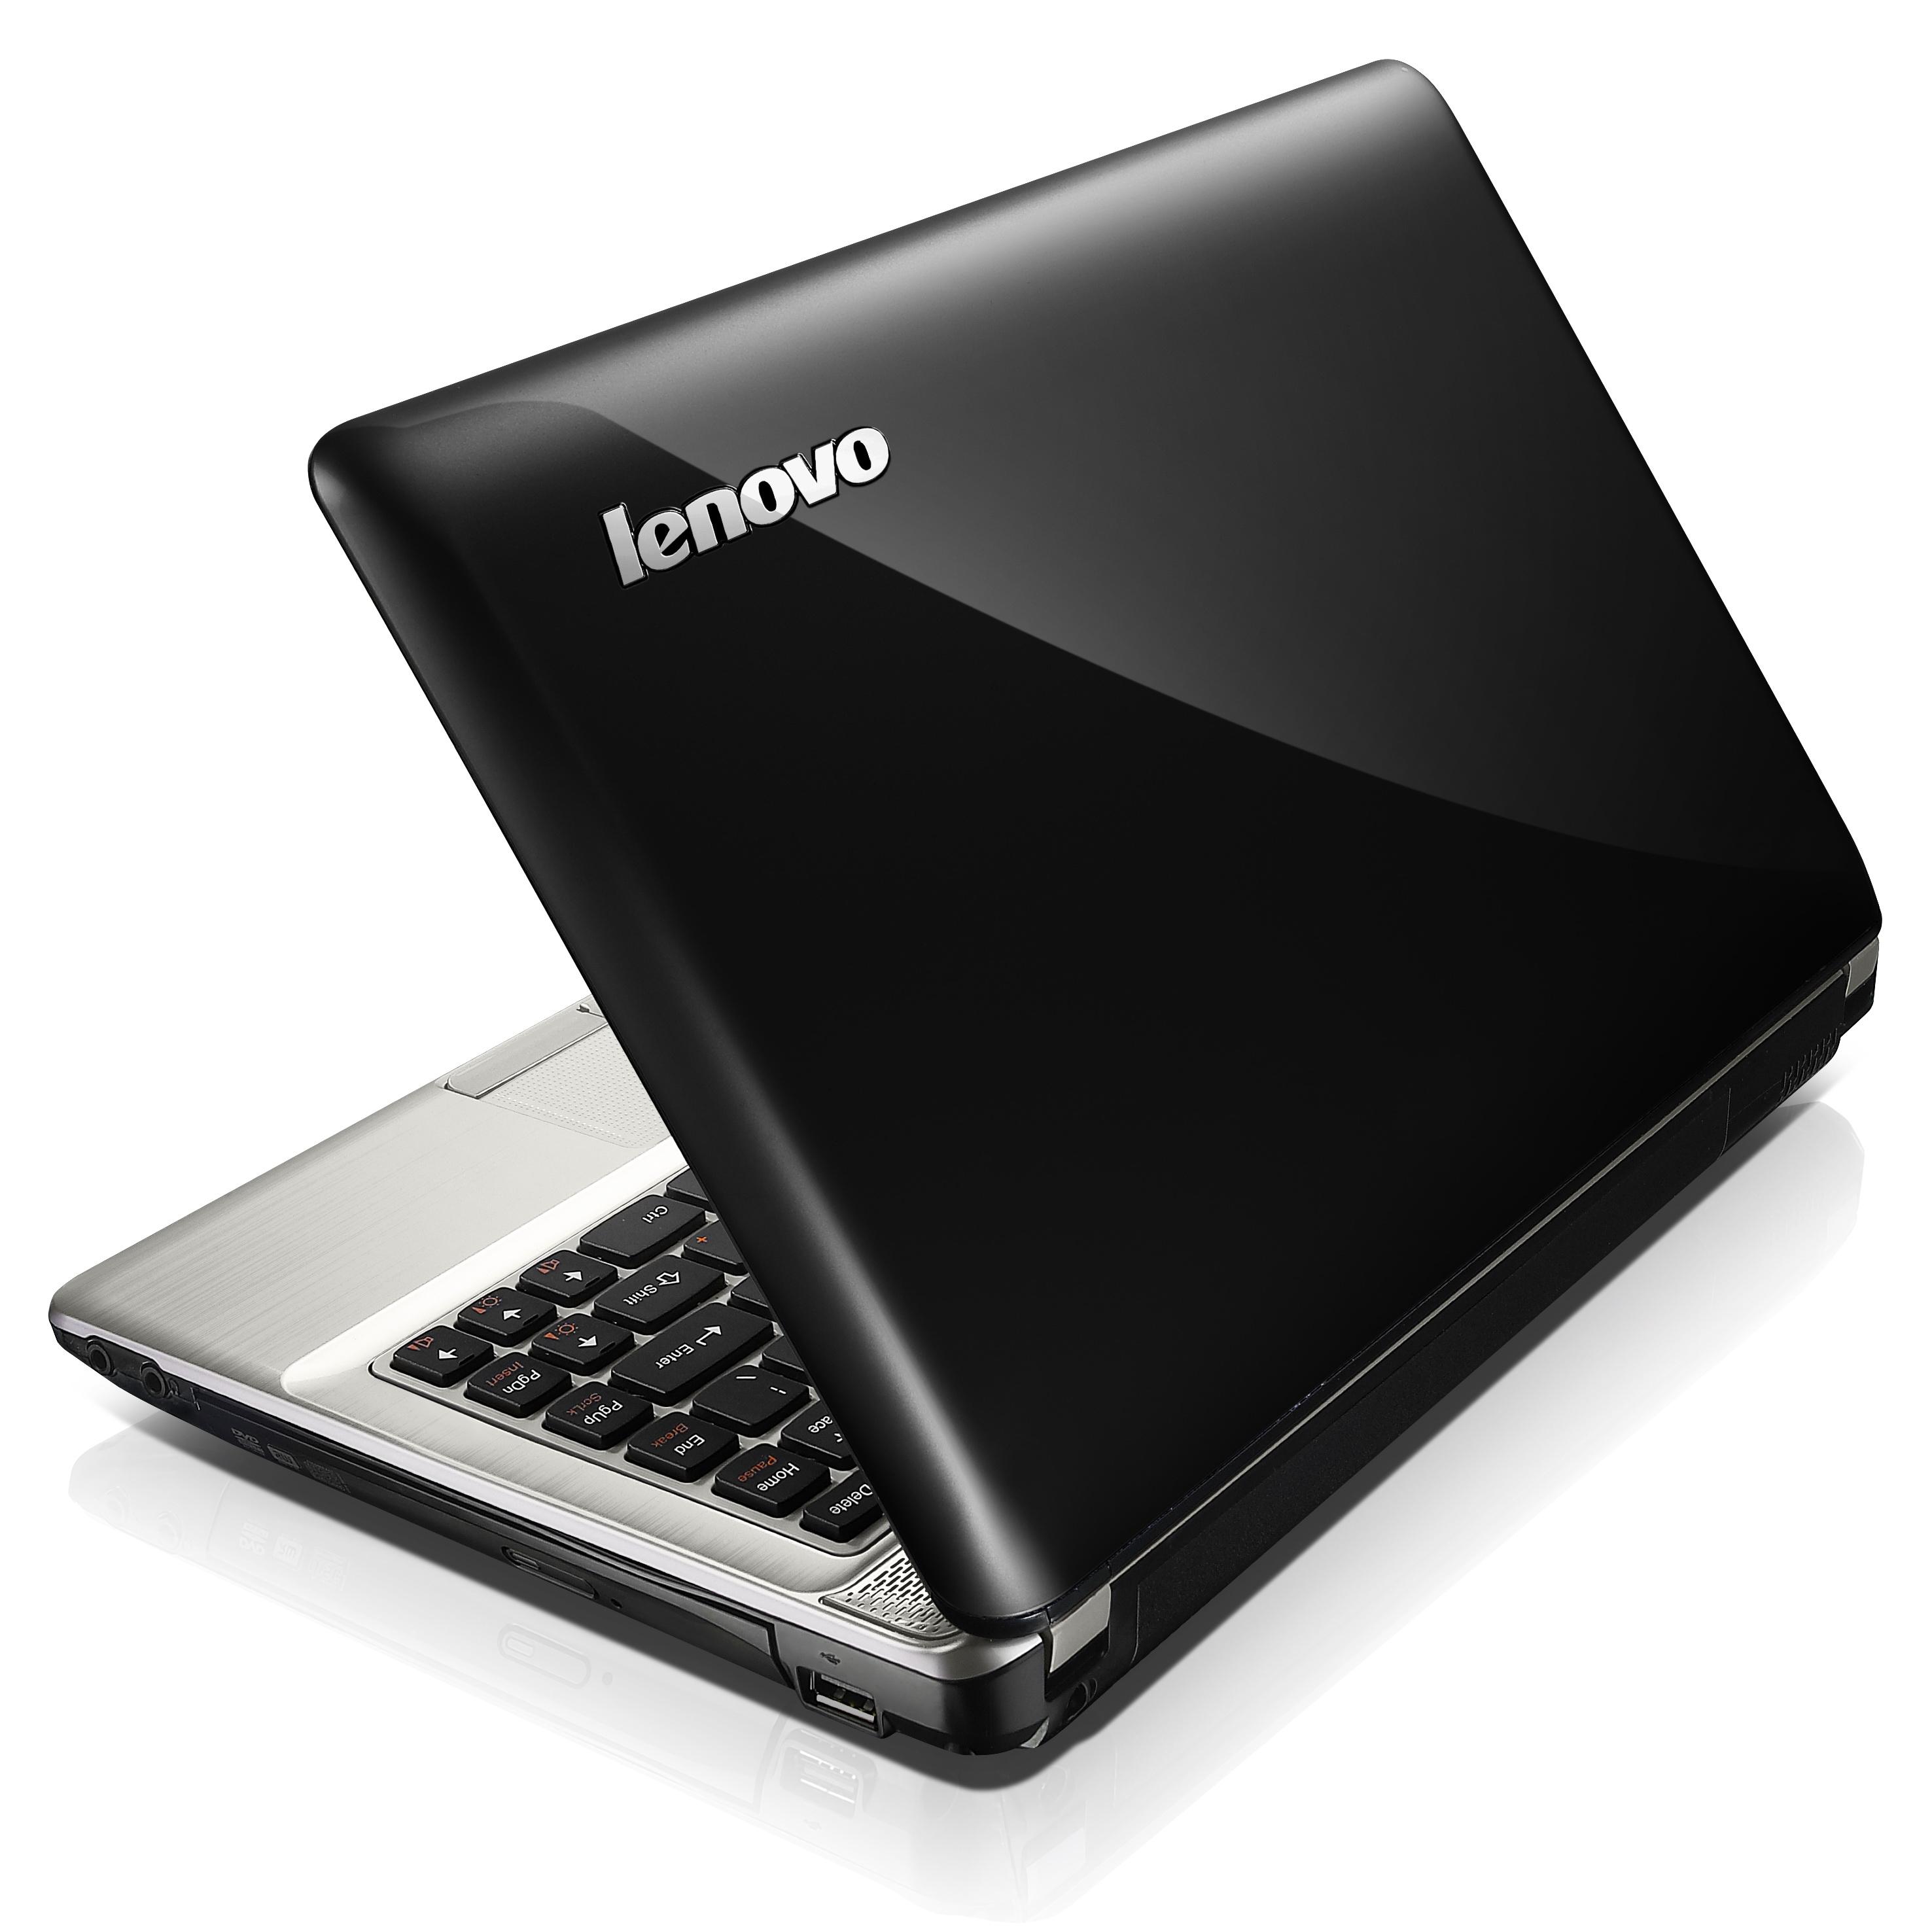 Lenovo聯想多款IdeaPad筆記型電腦率先採用Intel新一代處理器